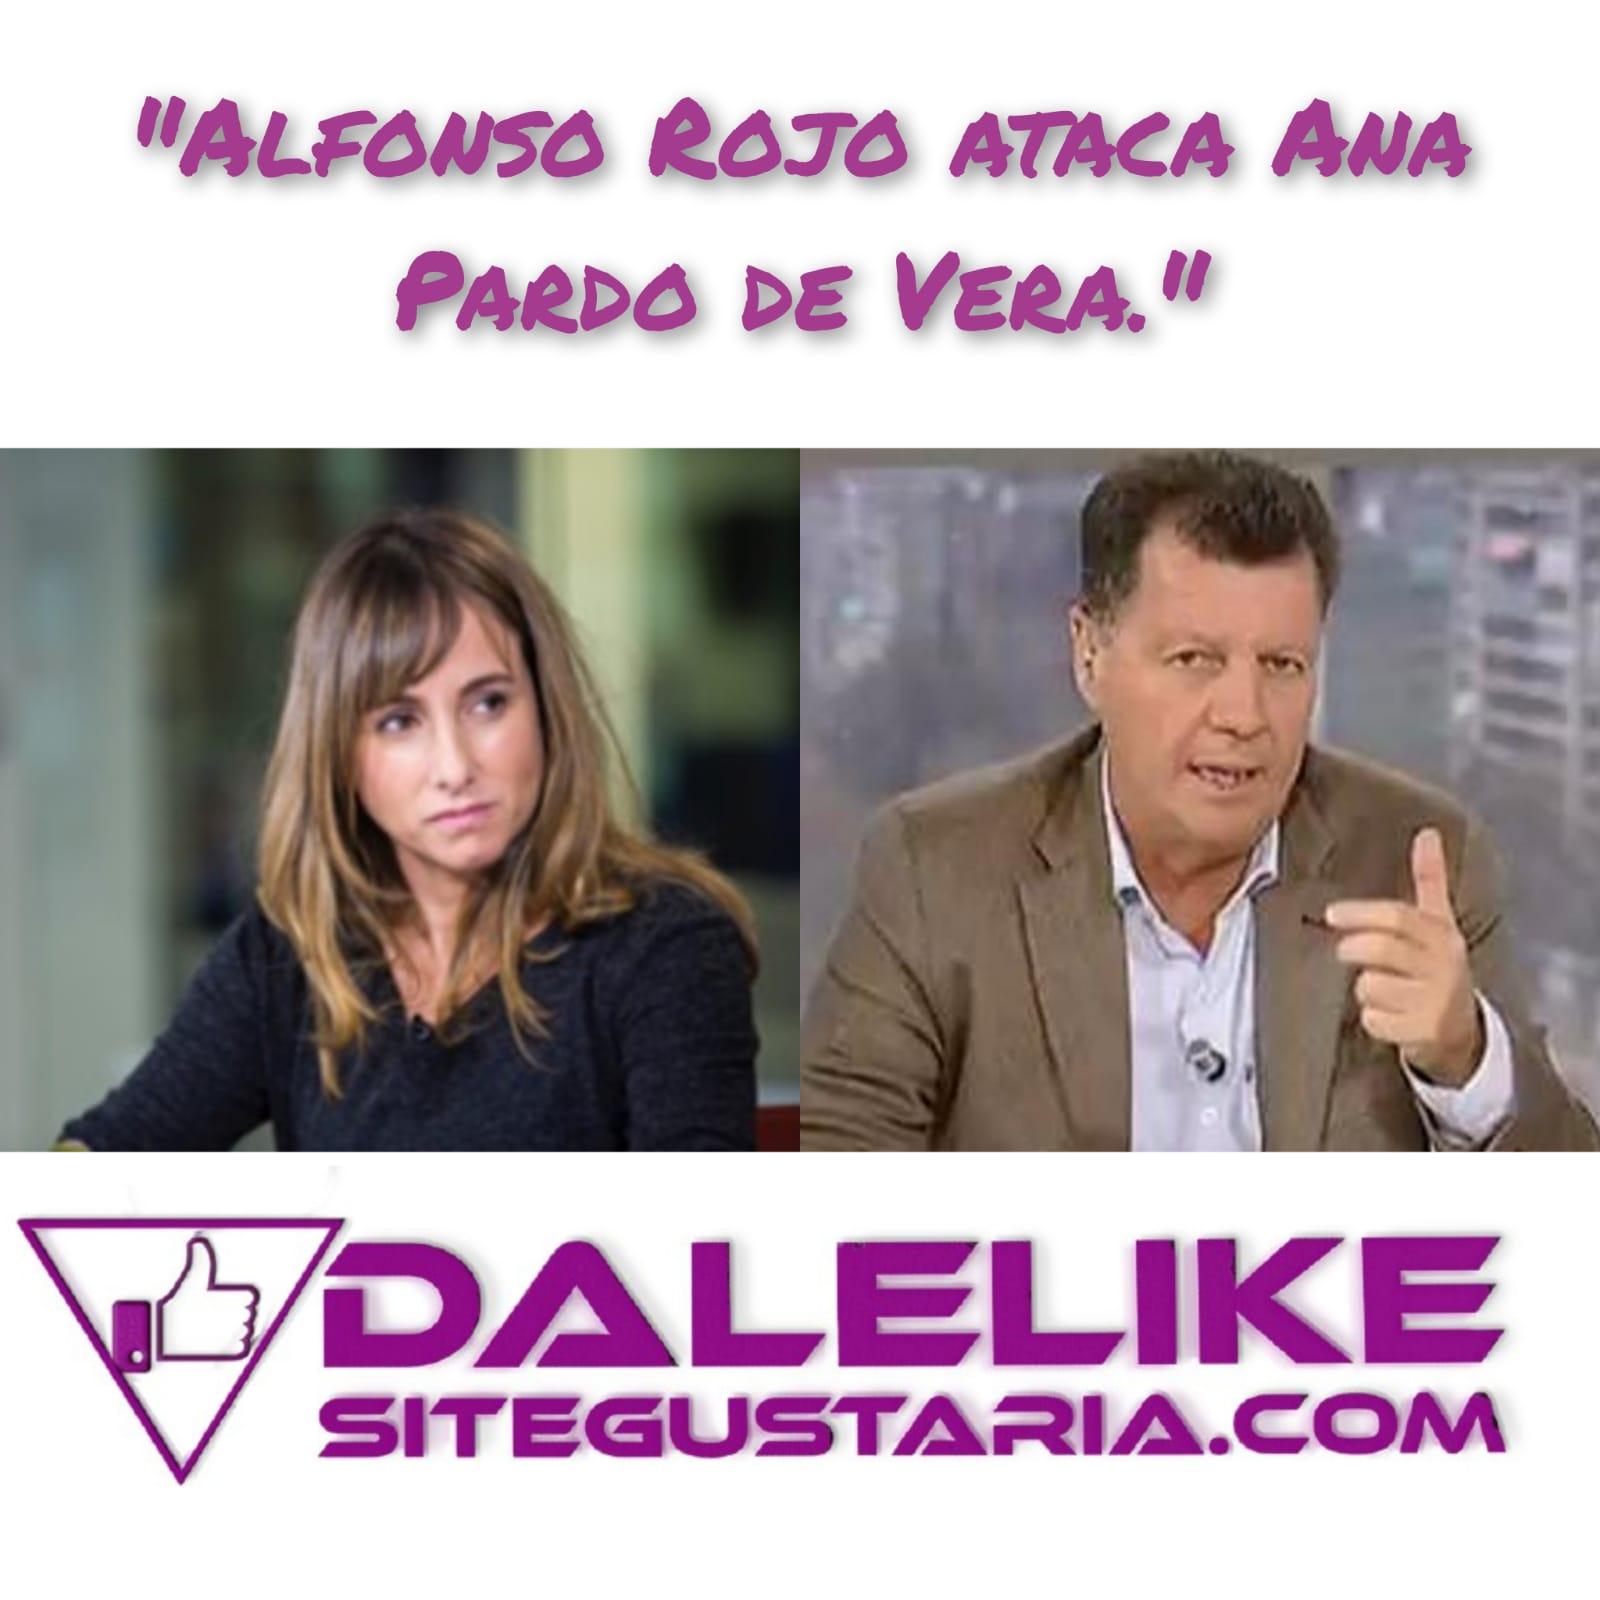 Alfonso Rojo ataca a Ana Pardo de Vera por hacer su trabajo y poner en apuros al portavoz de Vox.